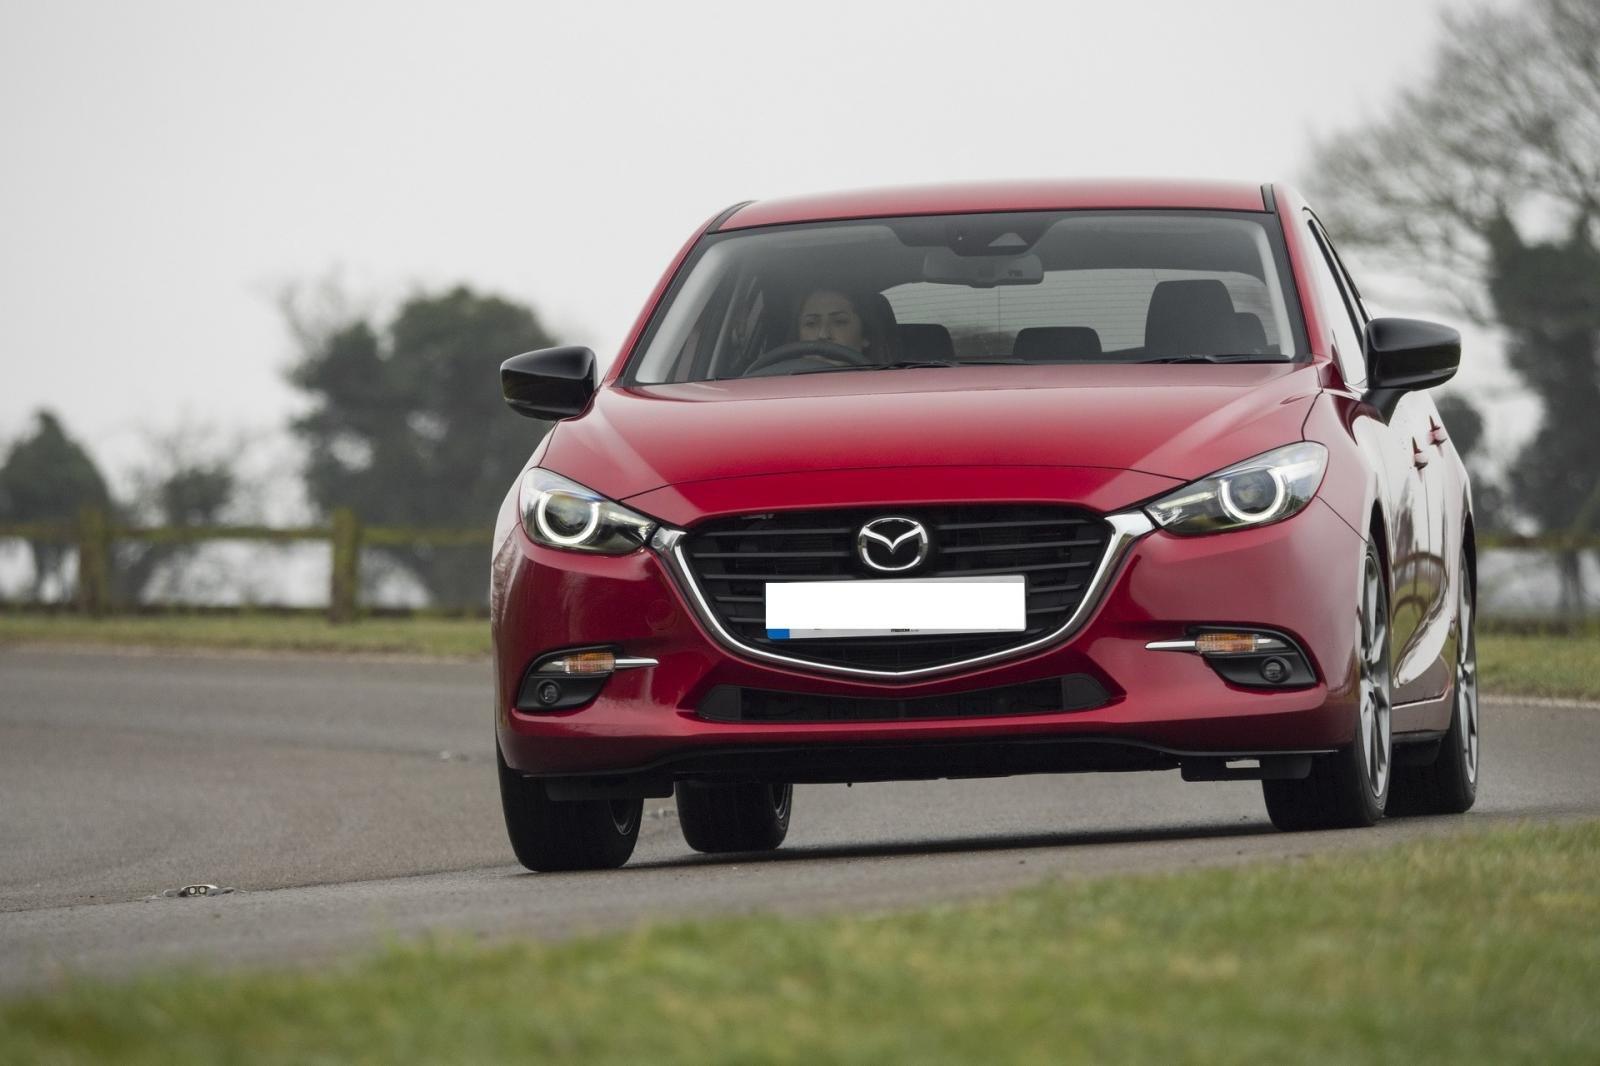 So sánh qua ảnh xe Mazda 3 Sport 2020 và đời cũ a6